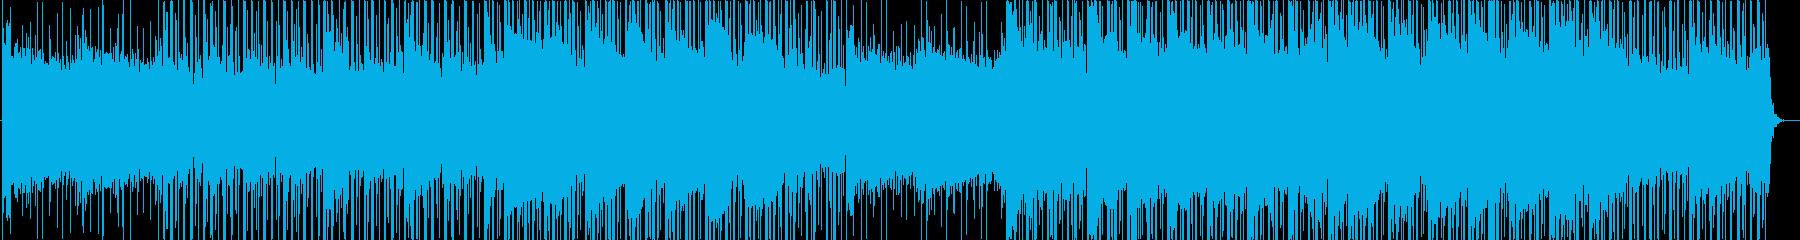 伝統的なロック楽器と電子音の現代的...の再生済みの波形